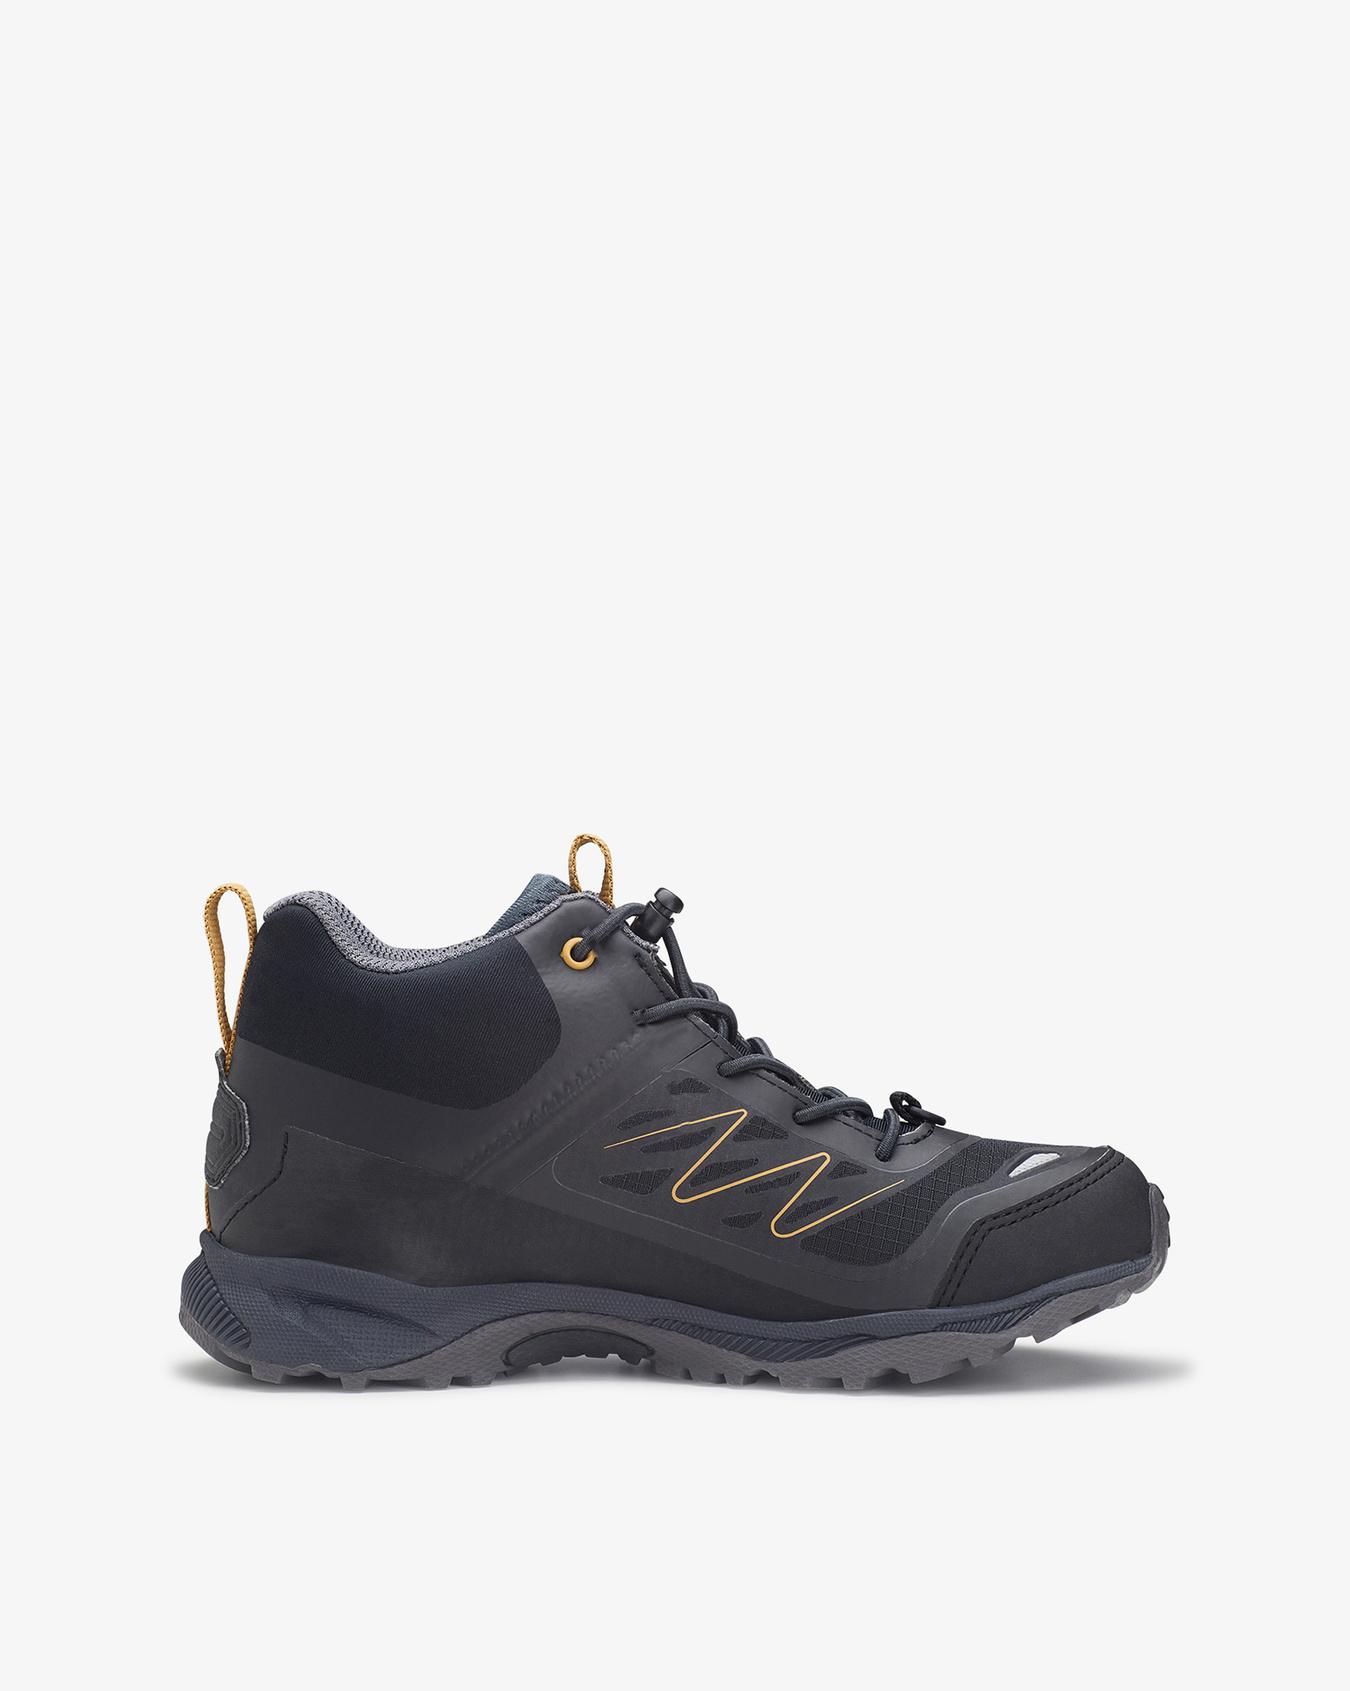 Tind Mid GTX Black Hiking Boots